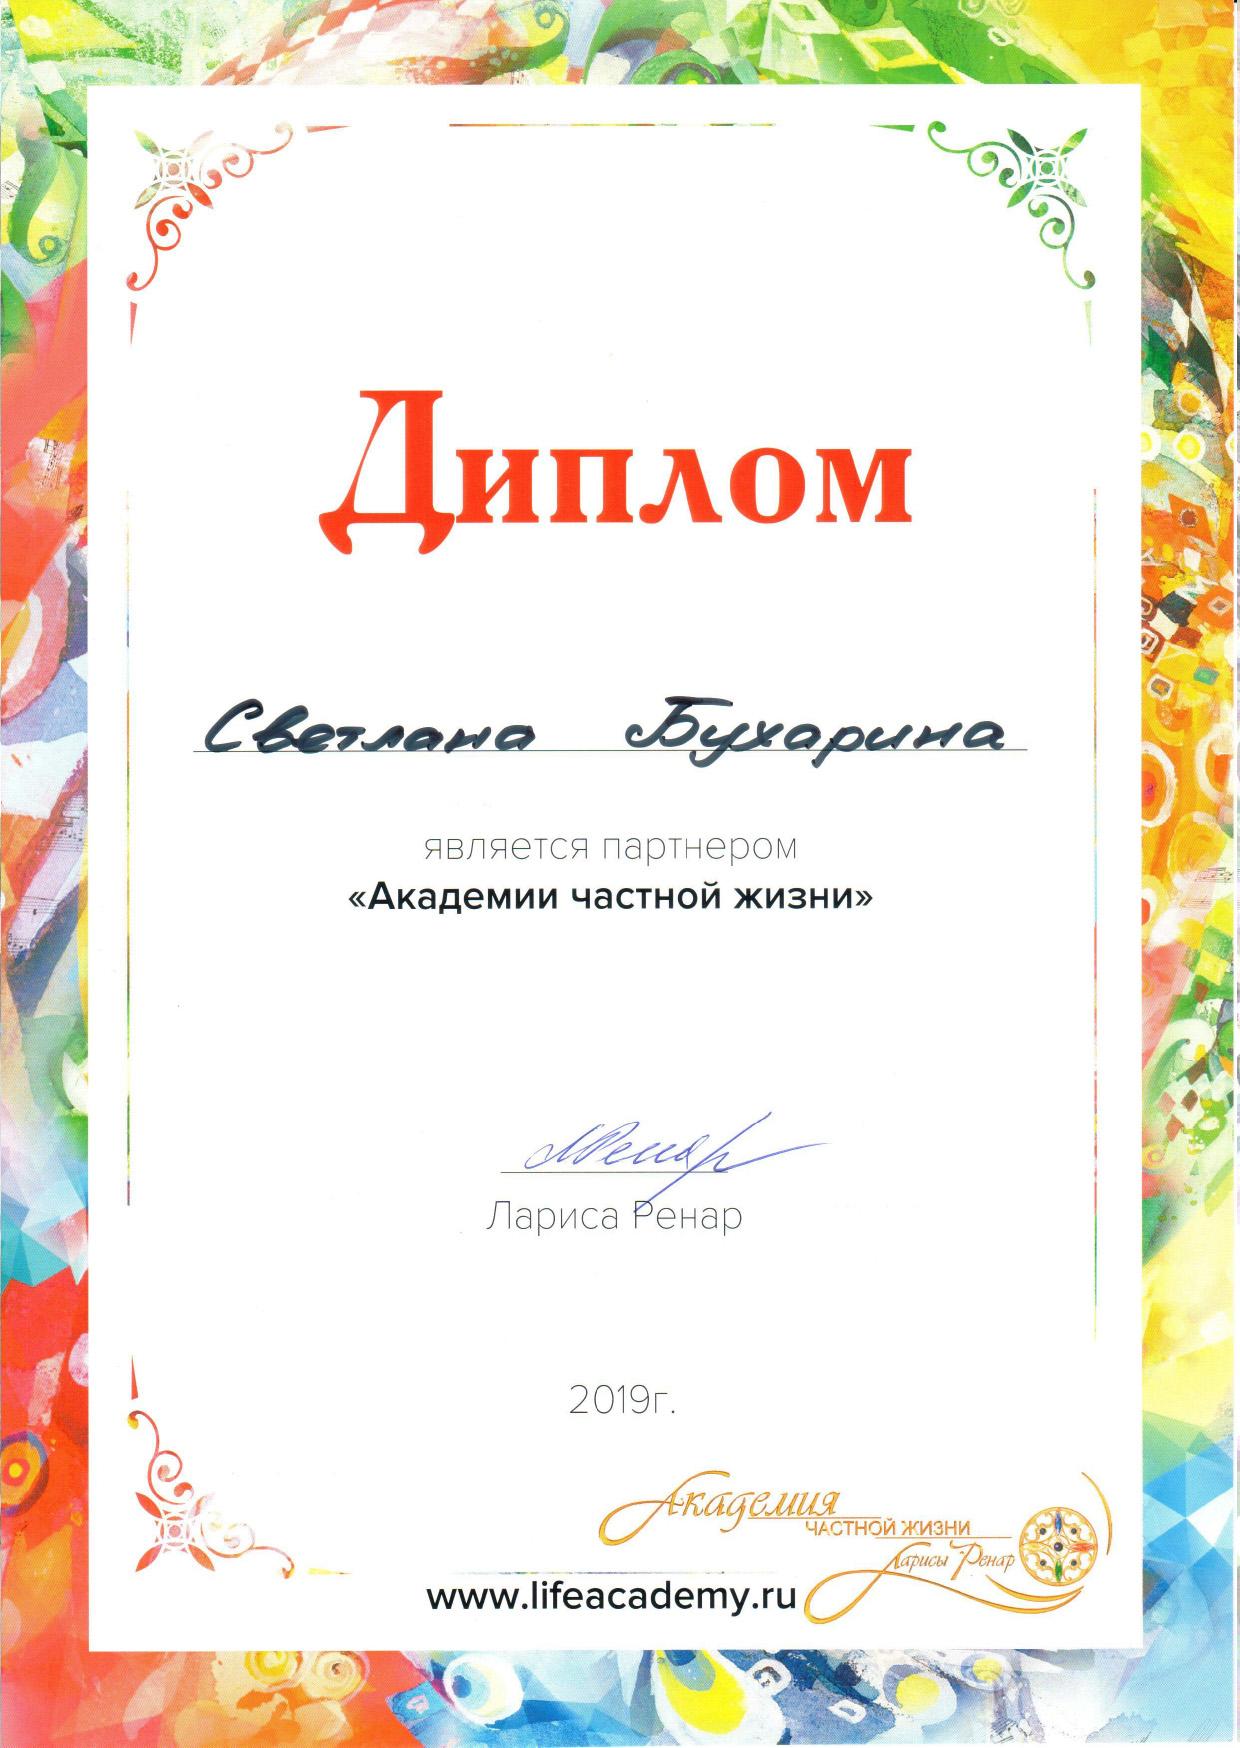 Светлана Бухарина